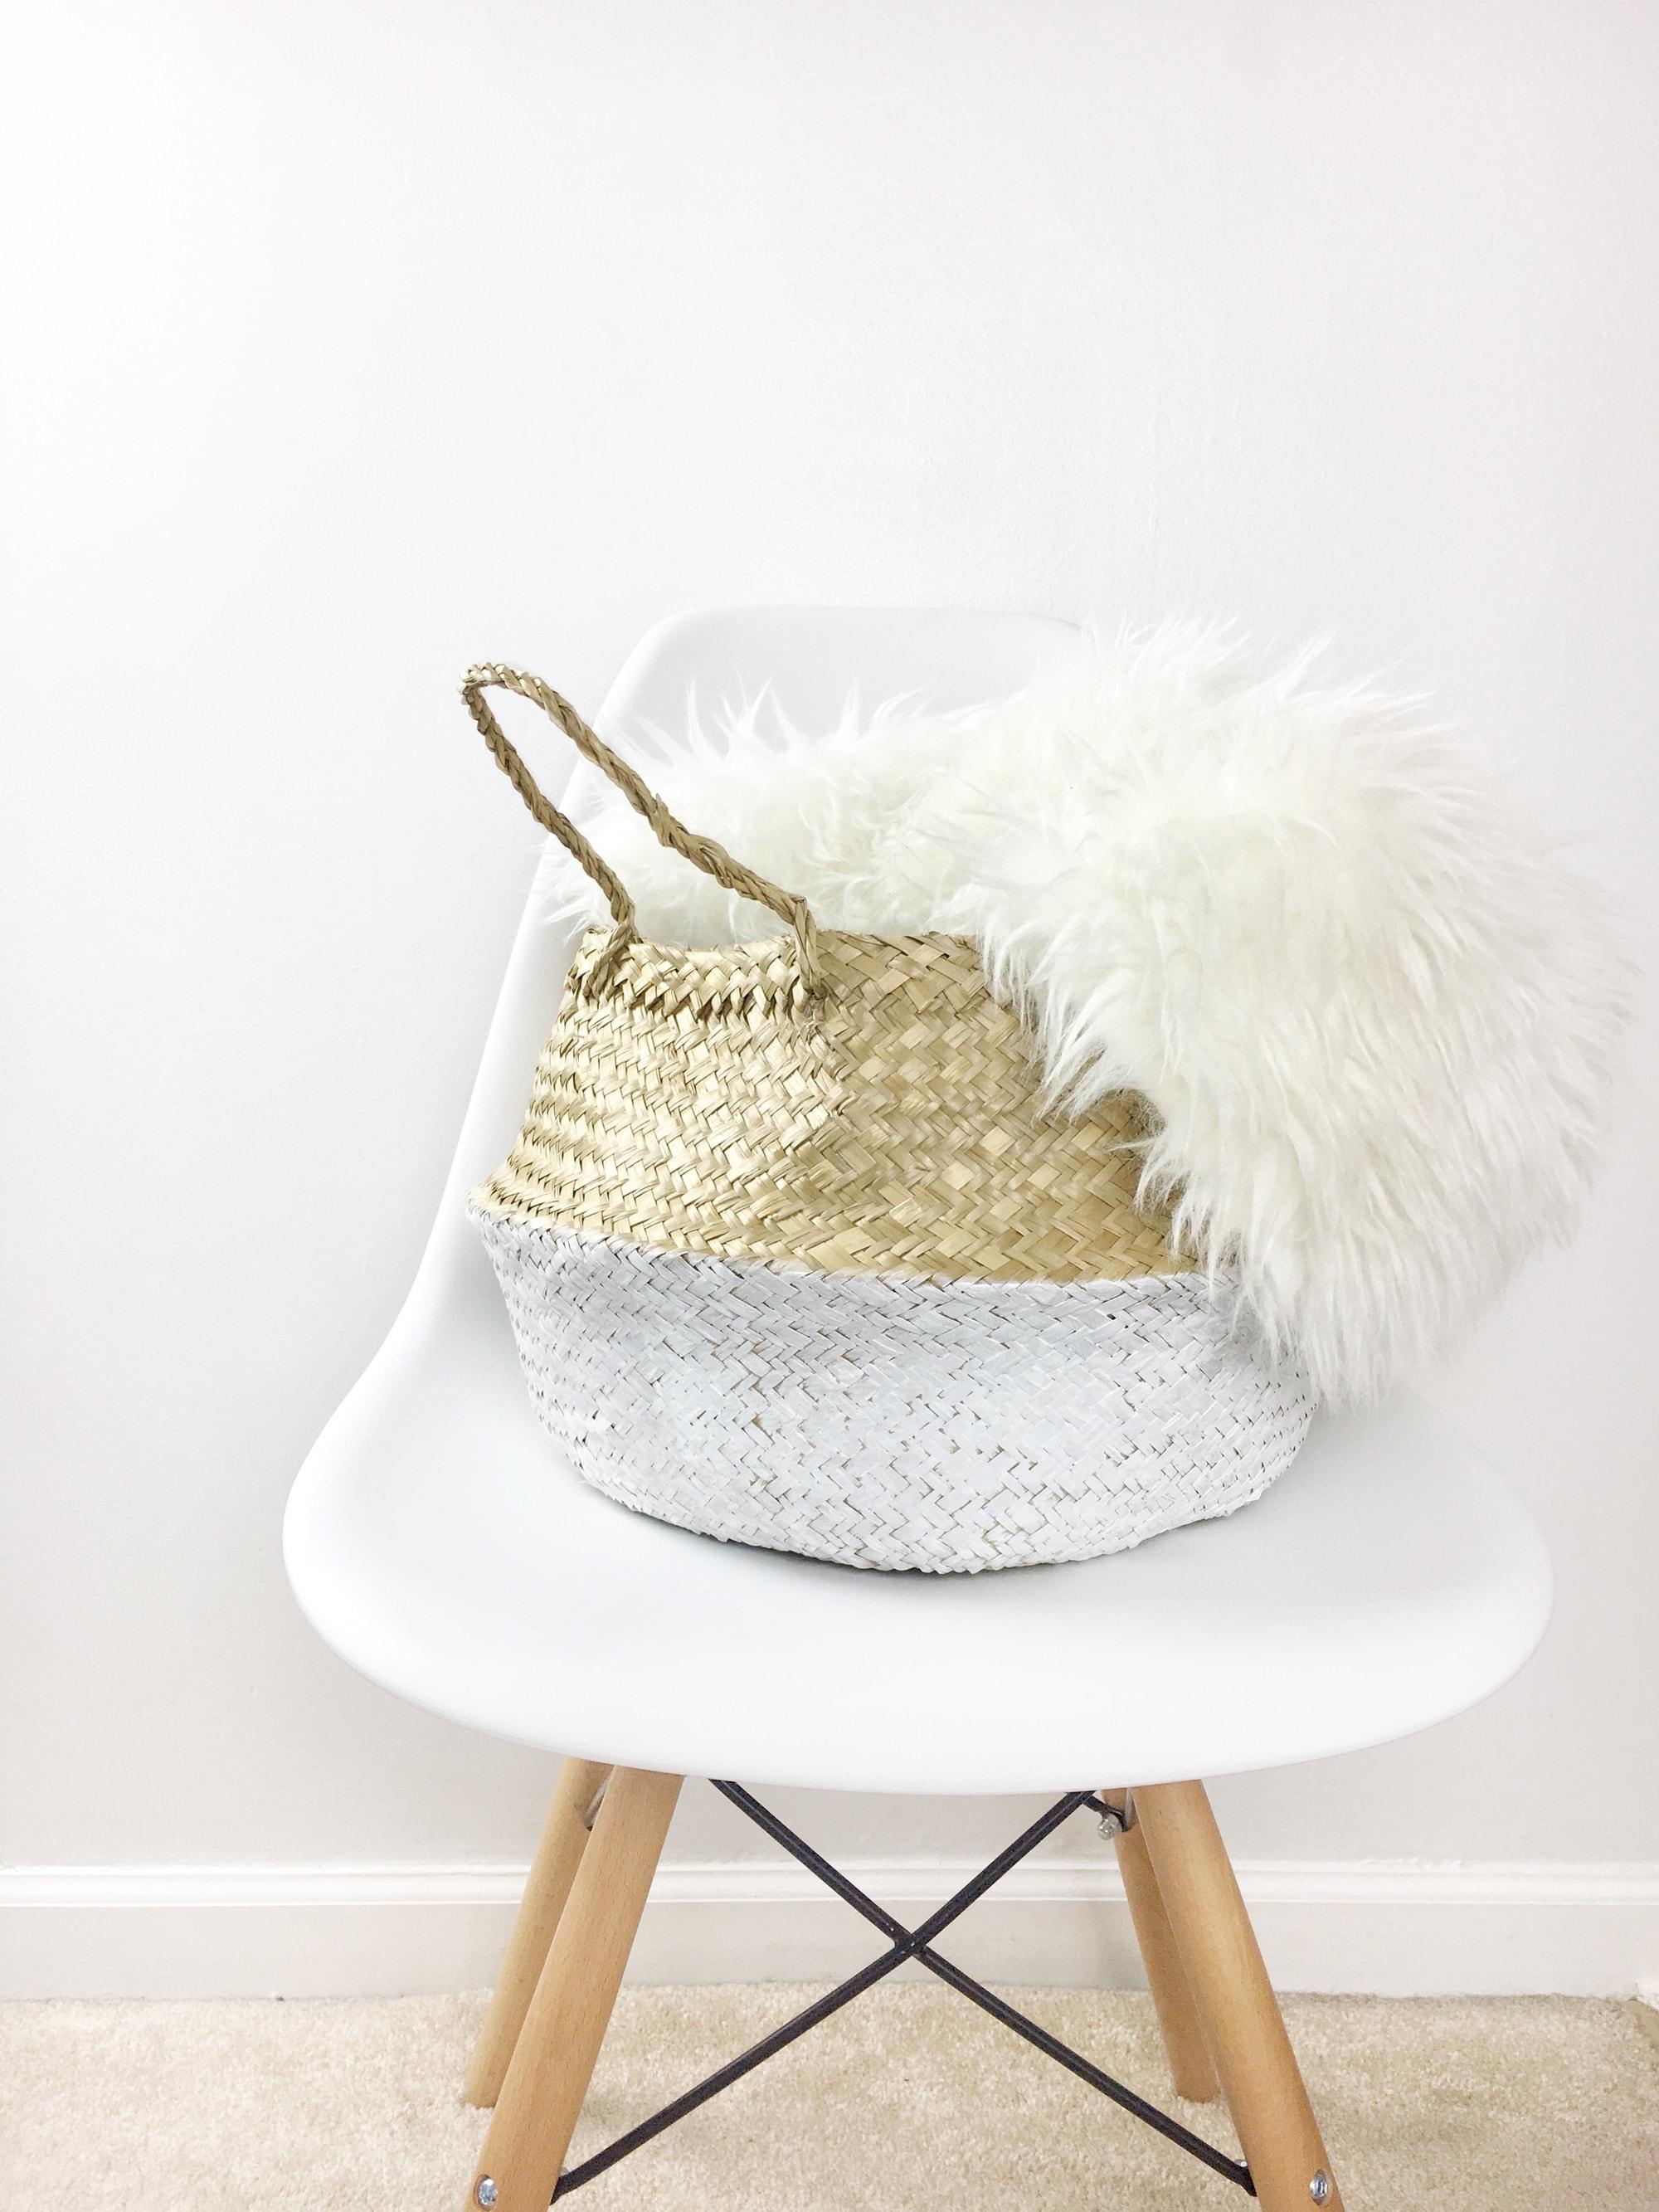 diy white dipped basket